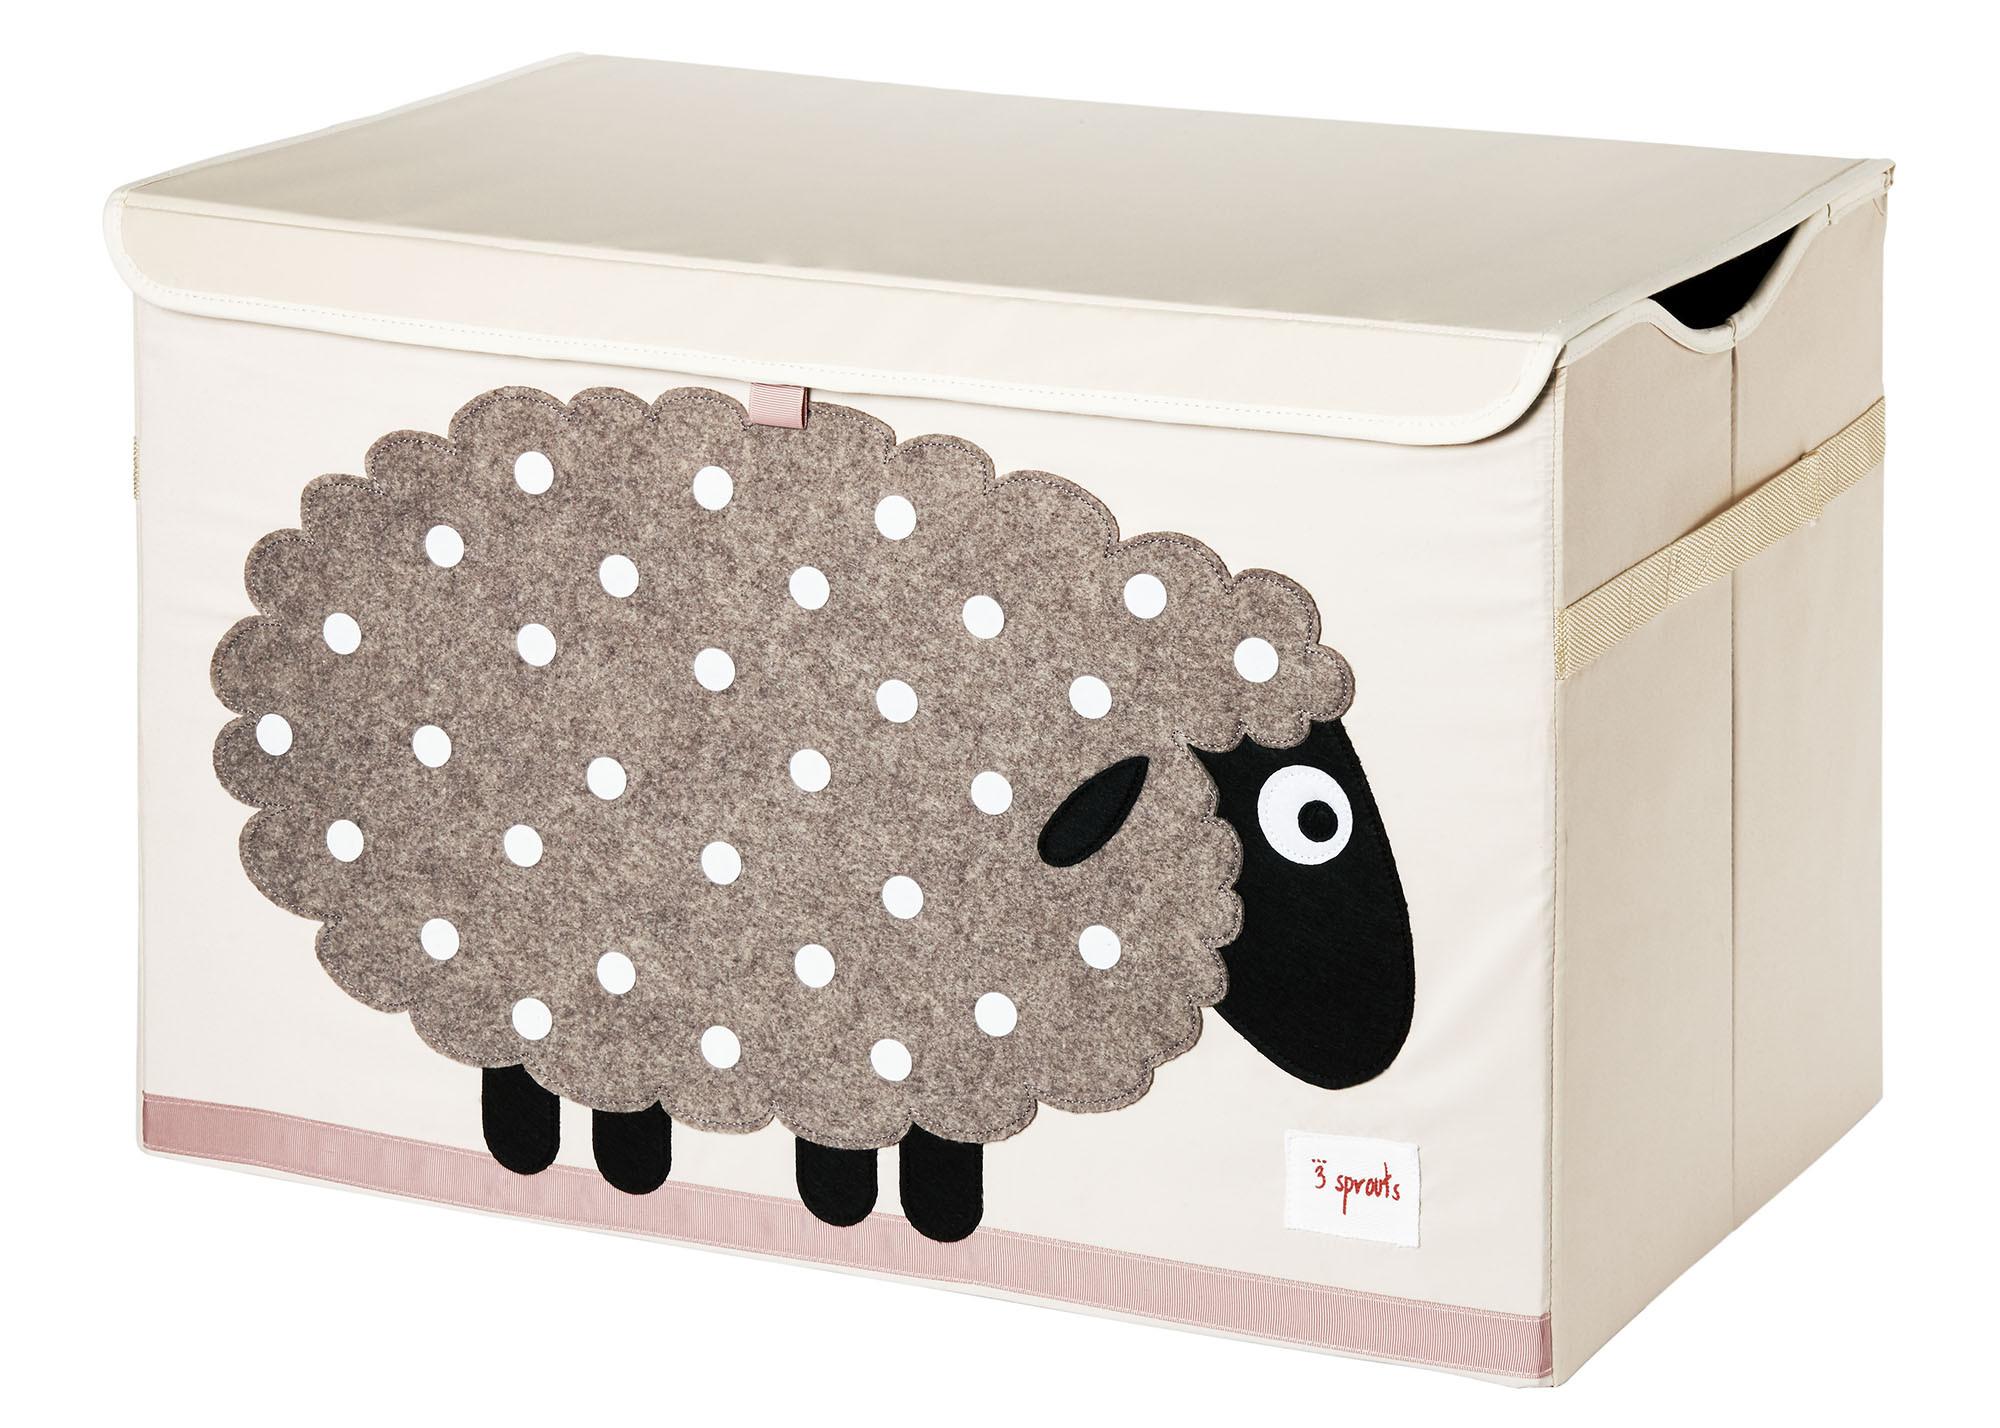 Ящики и корзины для игрушек 3 Sprouts Сундук для хранения игрушек 3 Sprouts «Beige Sheep» ящики и корзины для игрушек 3 sprouts корзина для хранения 3 sprouts grey raccoon